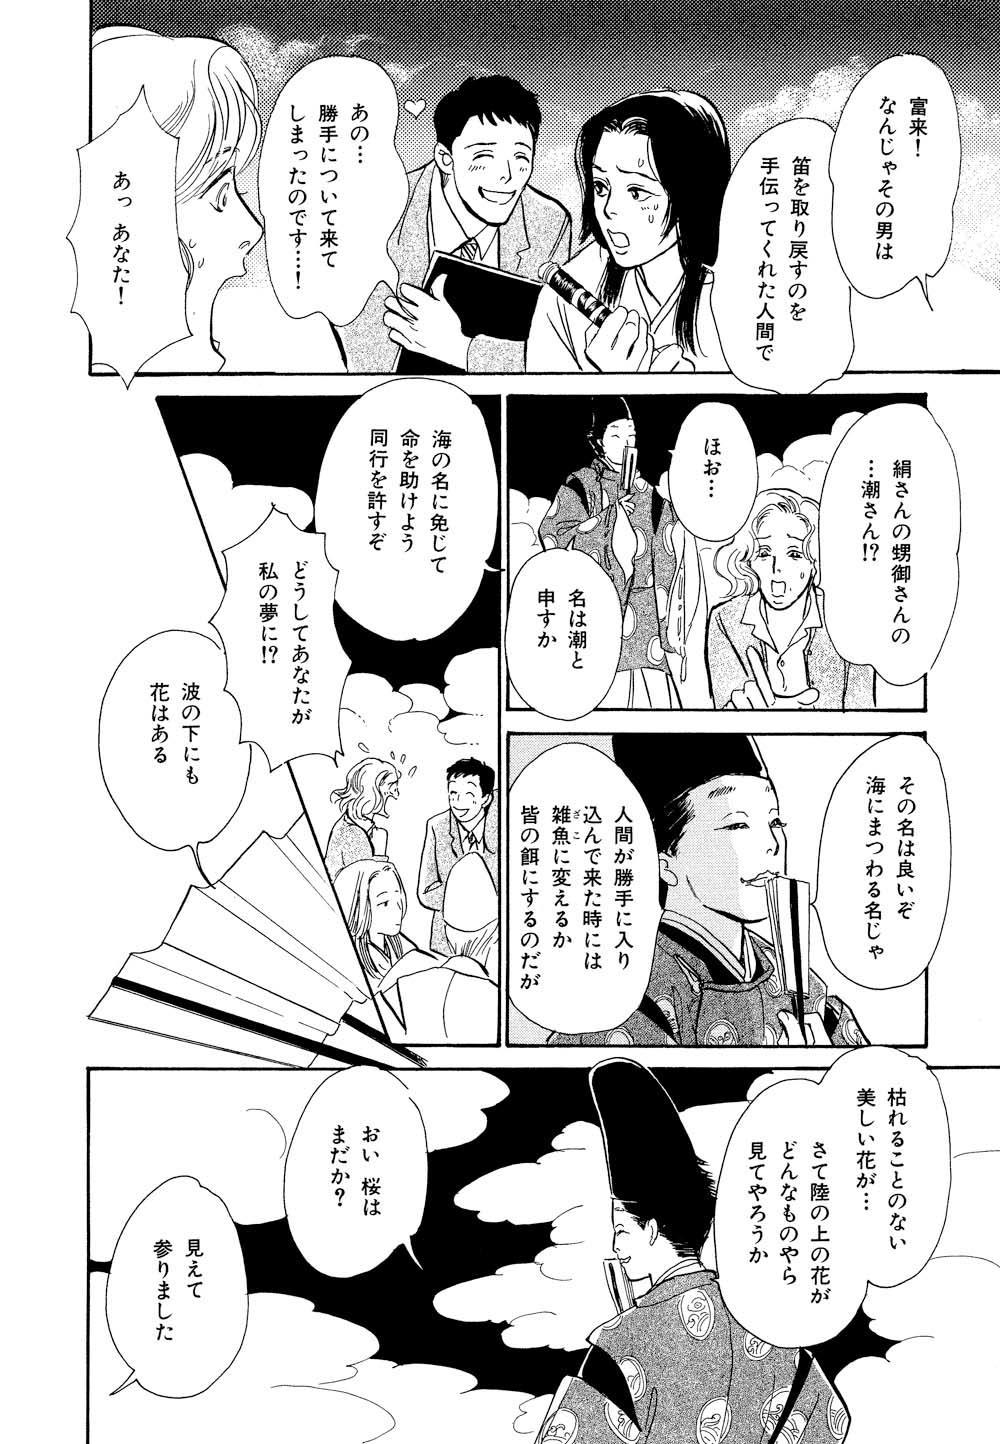 百鬼夜行抄_09_0148.jpg